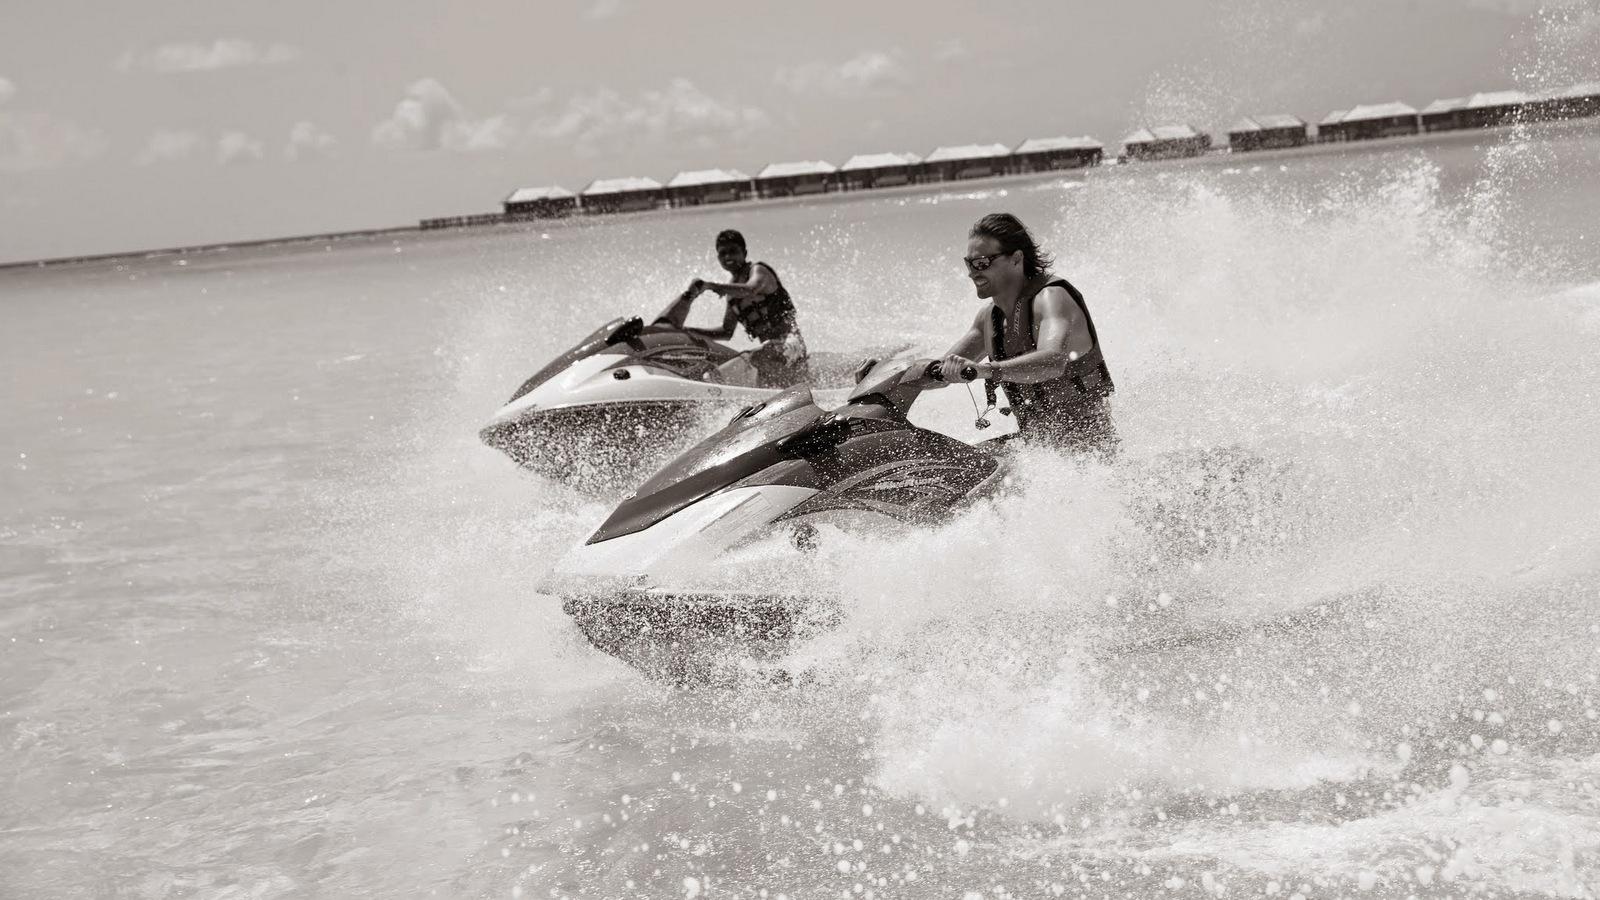 Мальдивы, отель Hideaway Beach Resort & Spa, гидроциклы